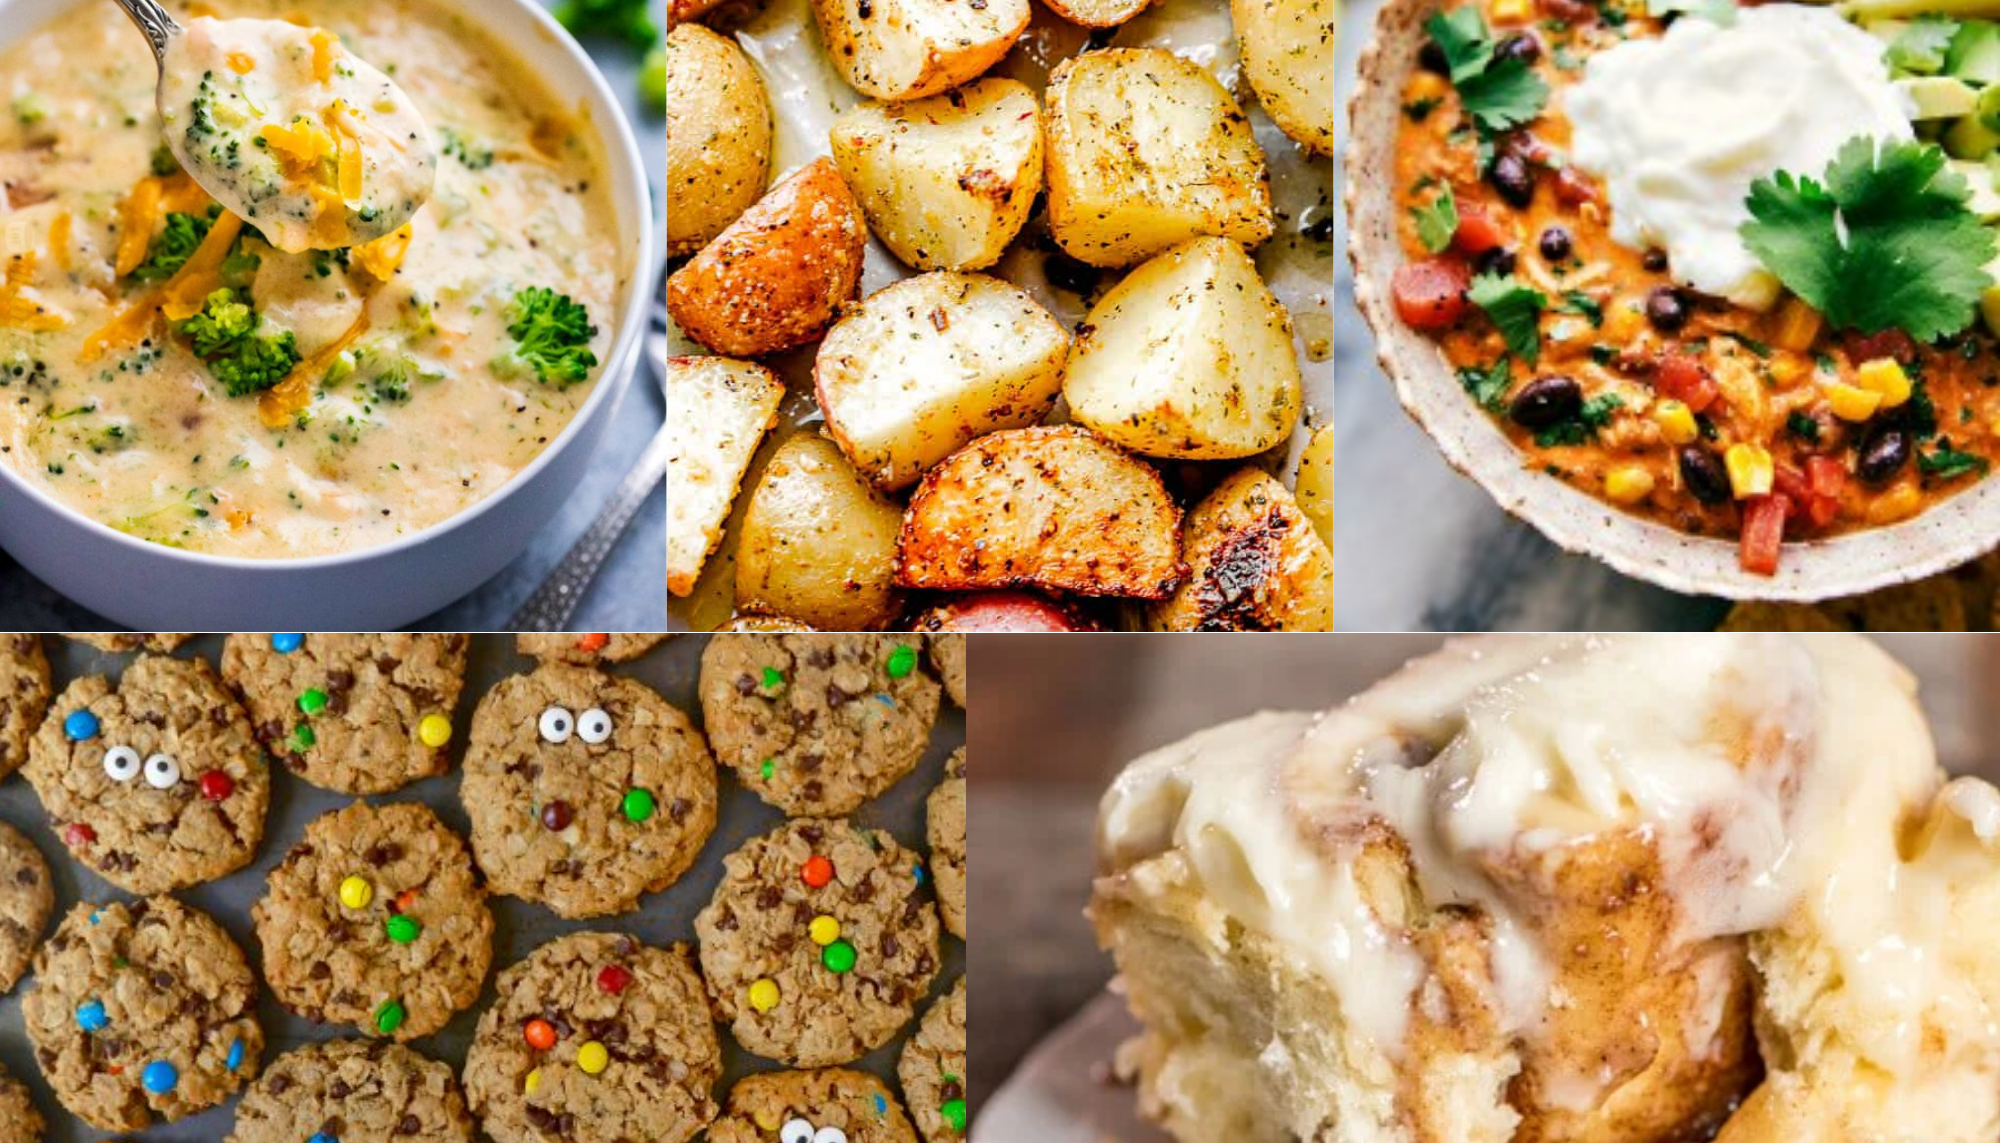 Tasty Fall Recipes from Simplify ASC